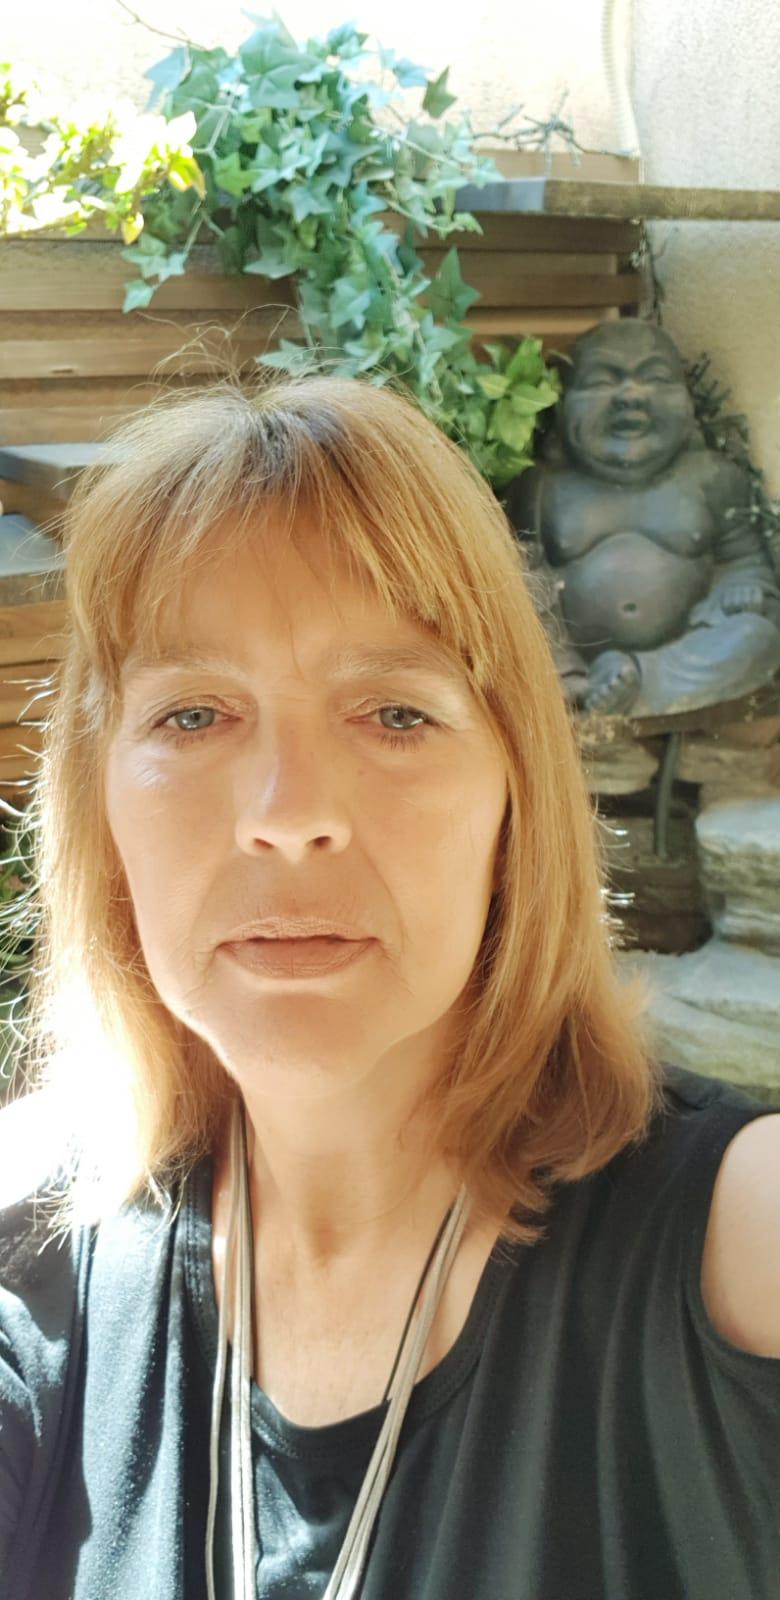 Christa moerenhout